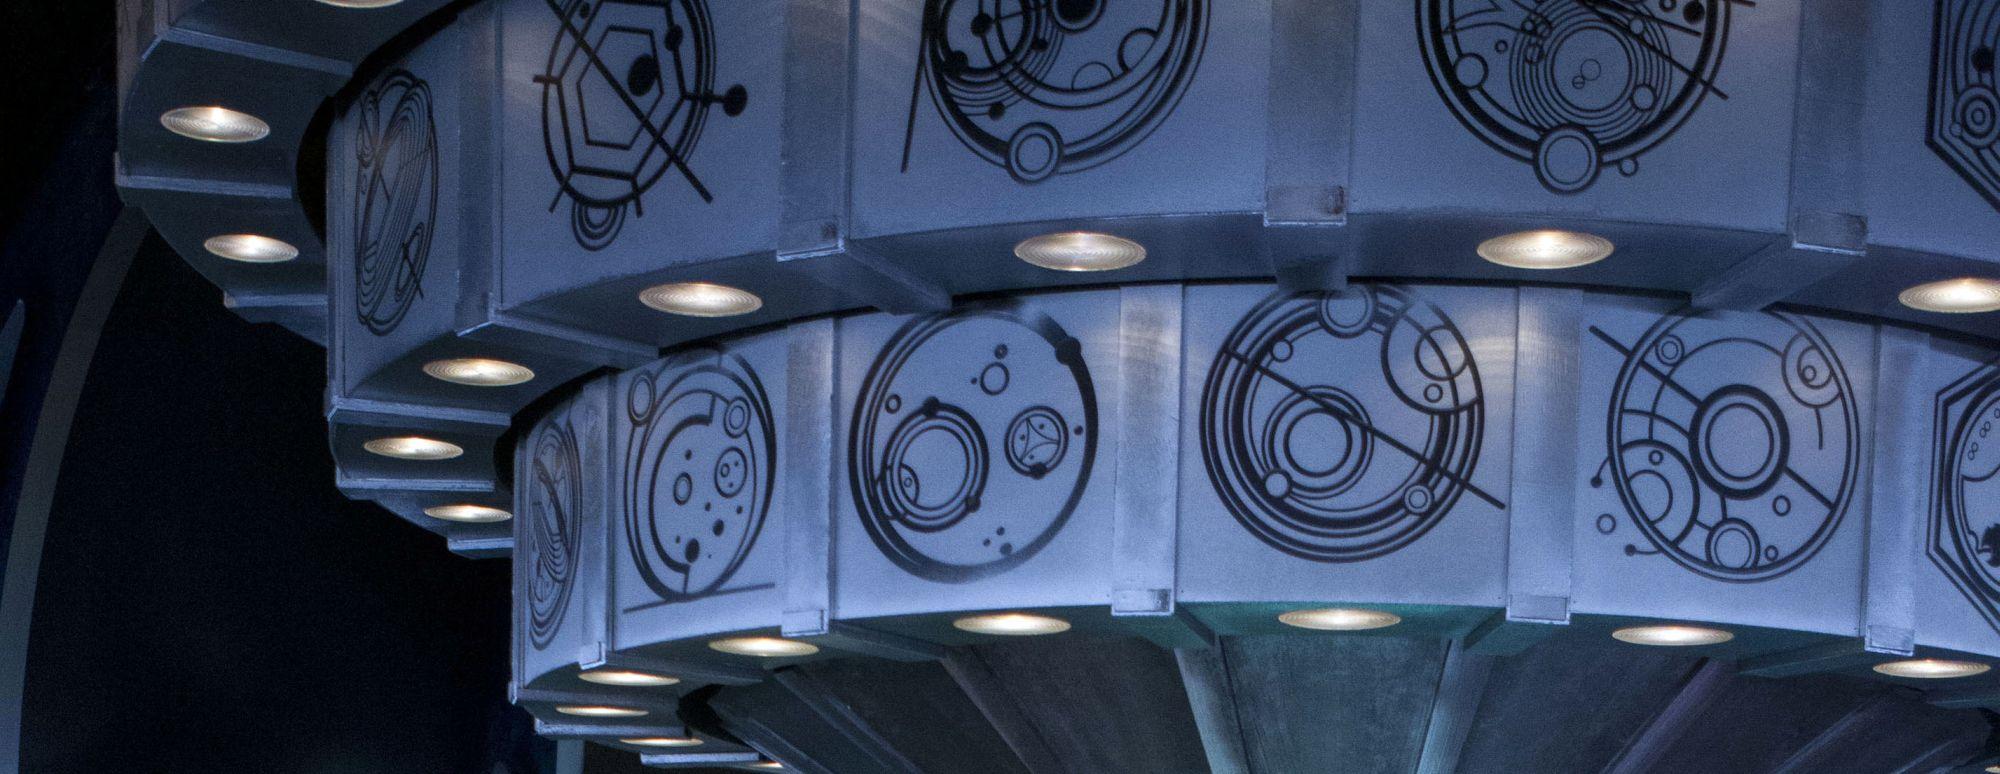 Sneak Peek at new TARDIS. Image: BBC